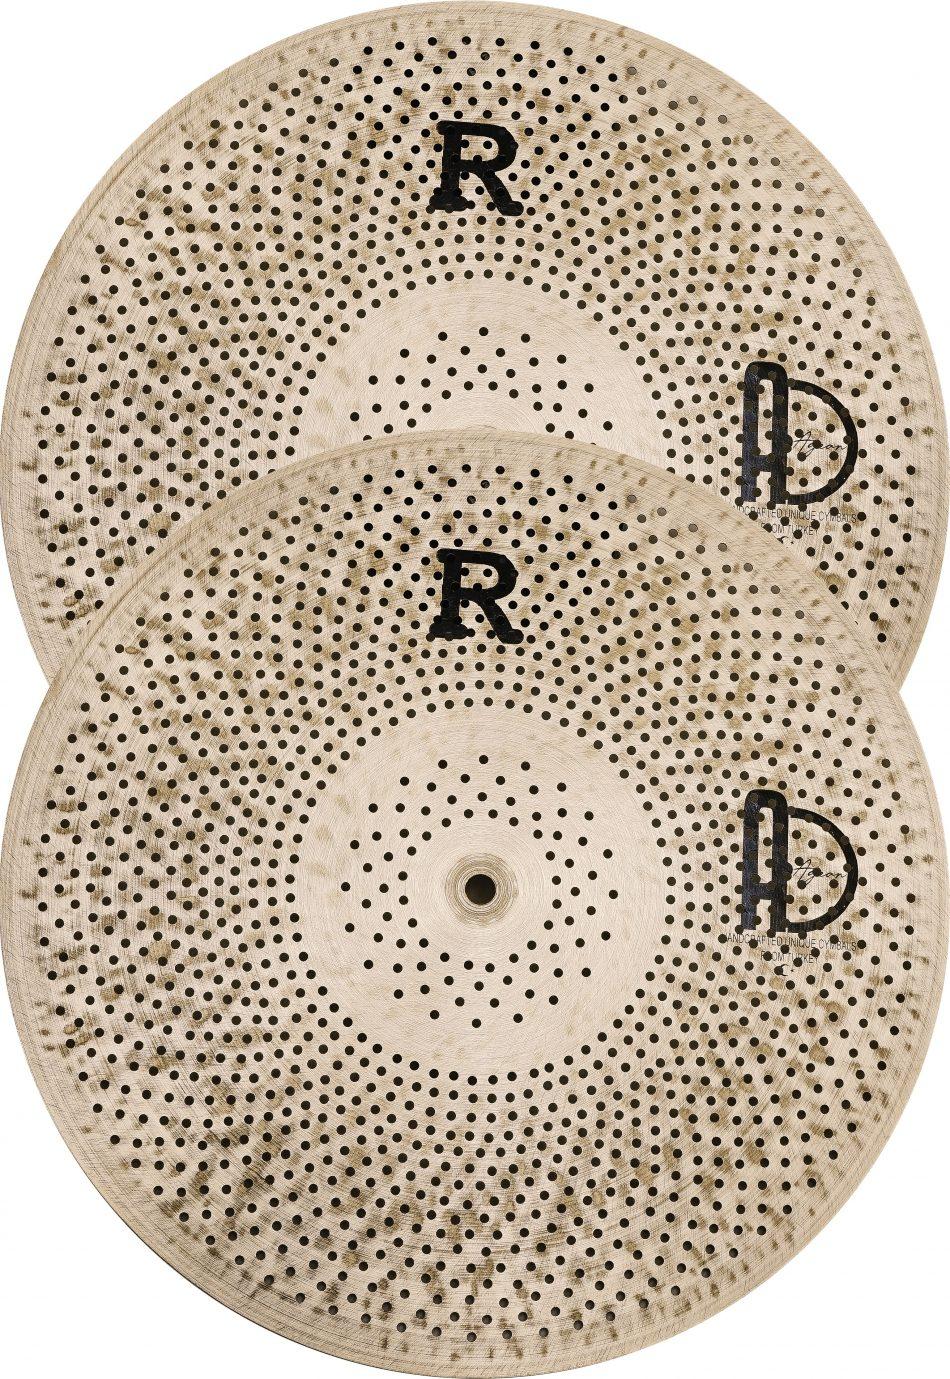 ön yüzden hithat kopyasi 950x1379 - Hi-hat Cymbals Flat R Low Noise